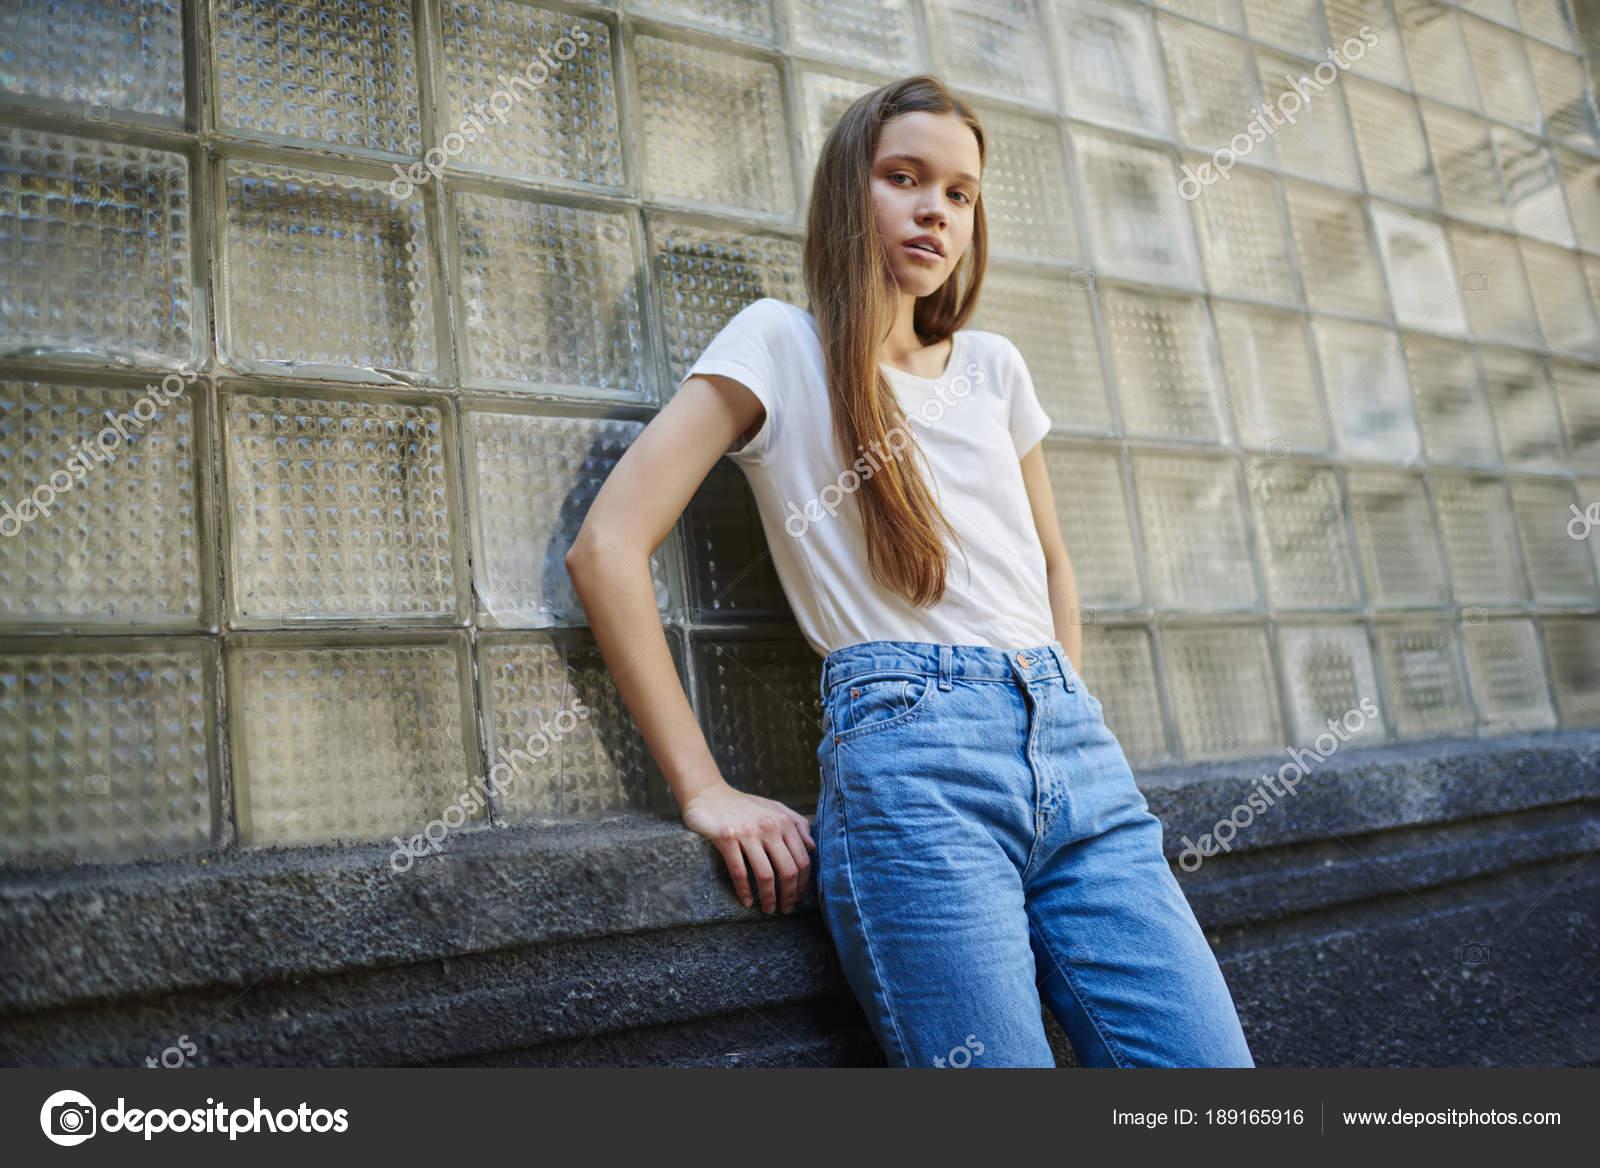 d34e8f8219ed Portrét Atraktivní Mladá Žena Módní Oblečení Stojící Zdi Městské ...